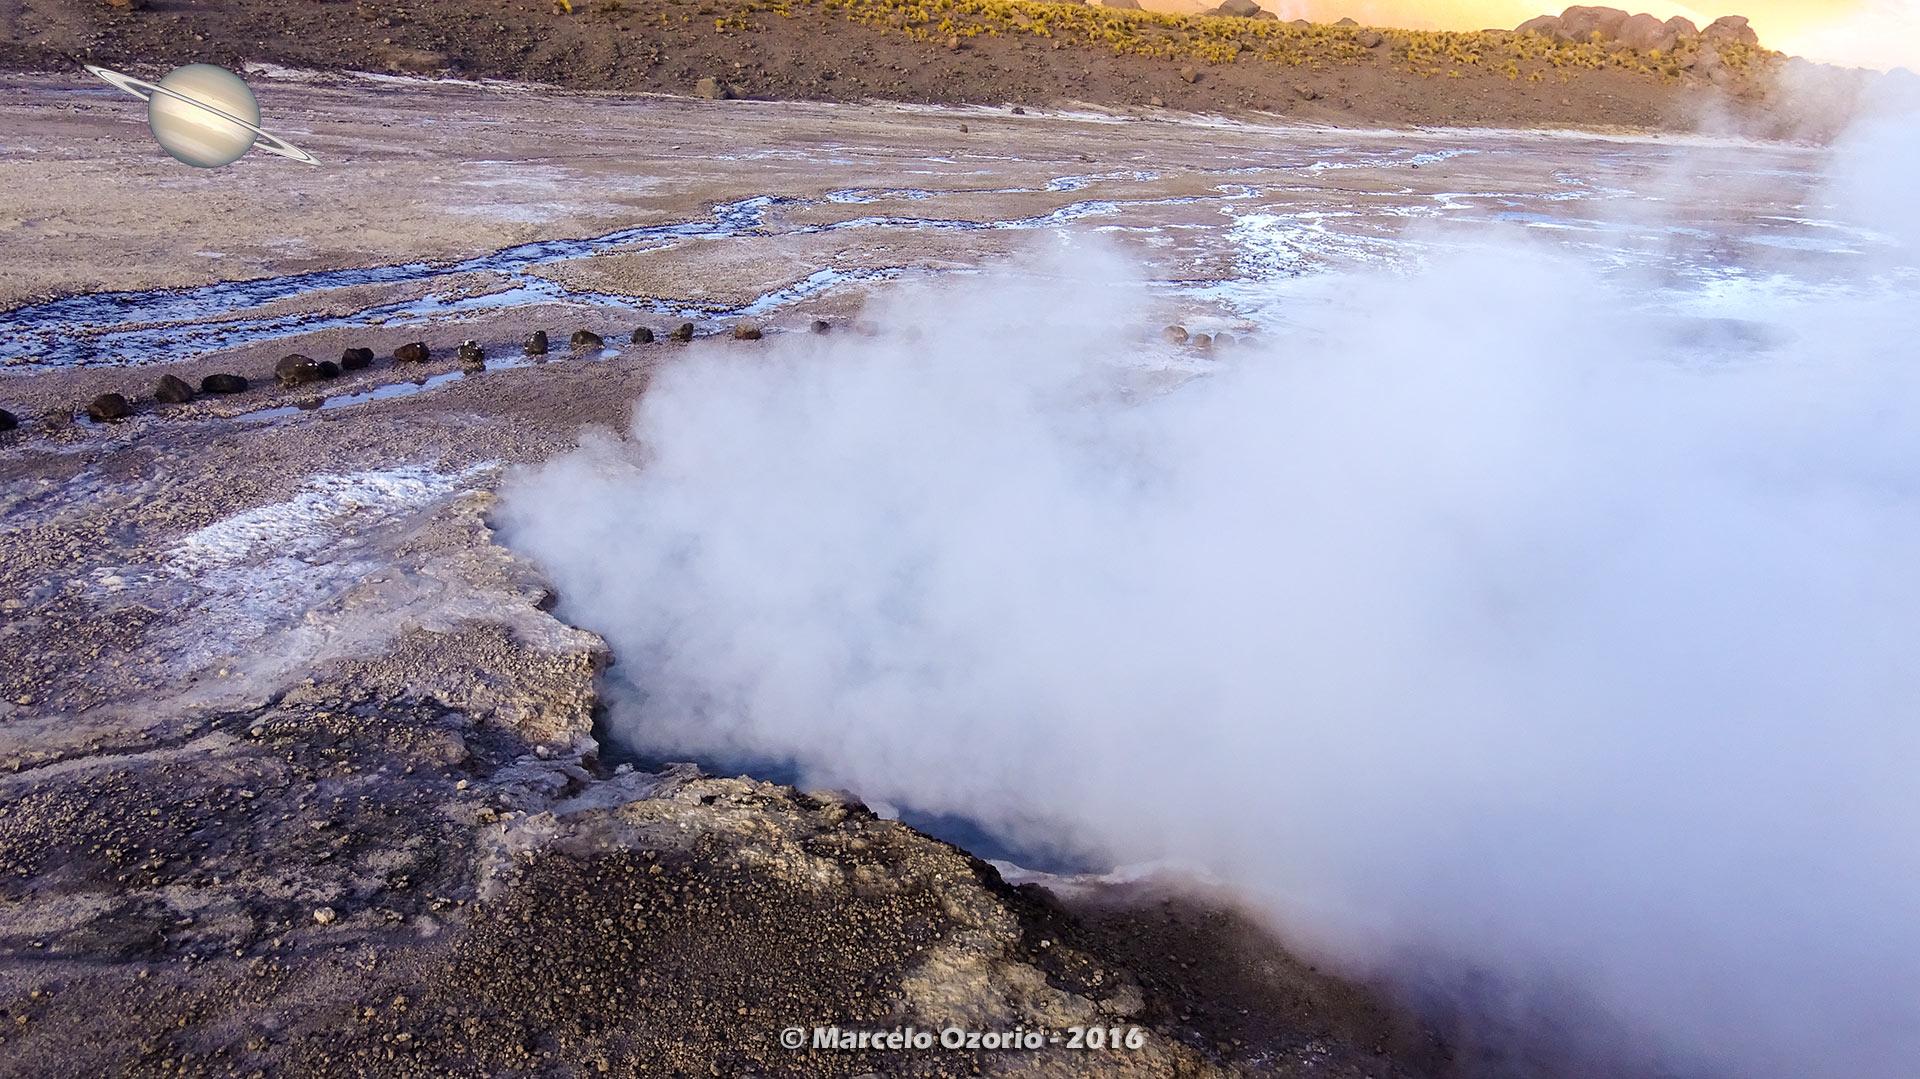 el tatio geysers atacama desert 17 - The Surreal El Tatio Geysers - Atacama Desert - Chile